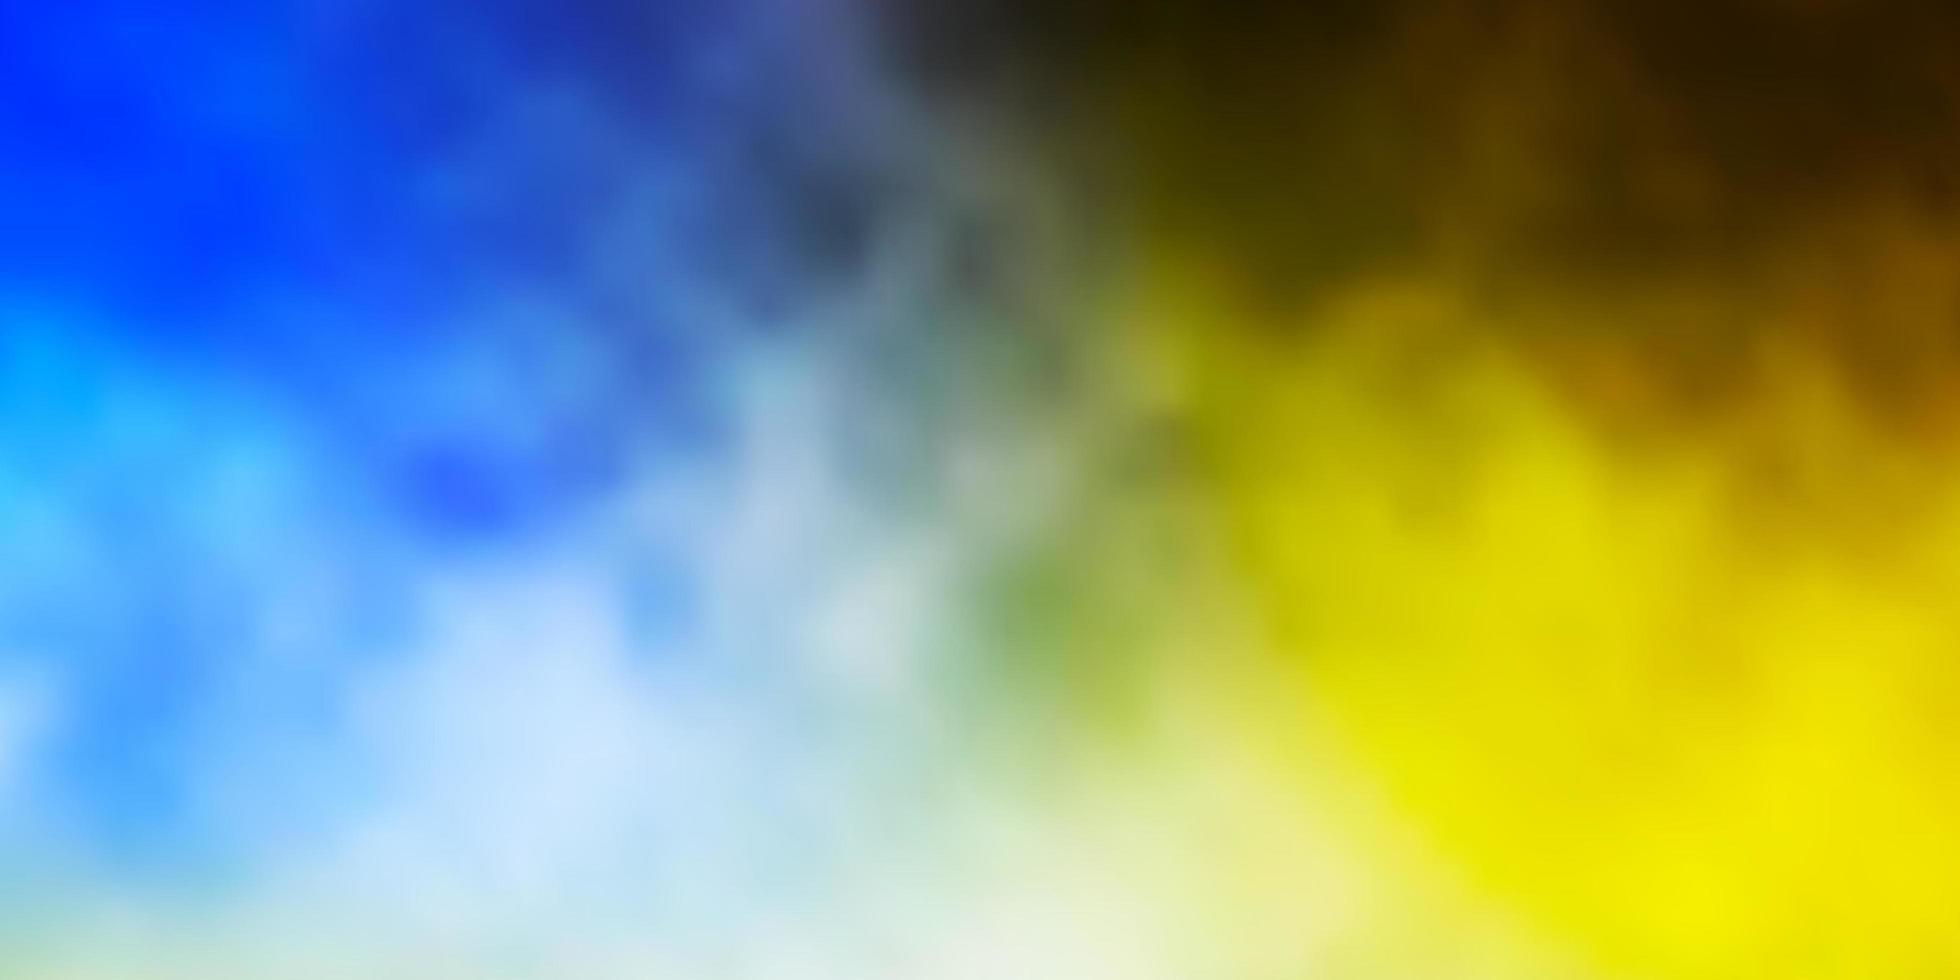 blaue und gelbe Textur mit bewölktem Himmel. vektor